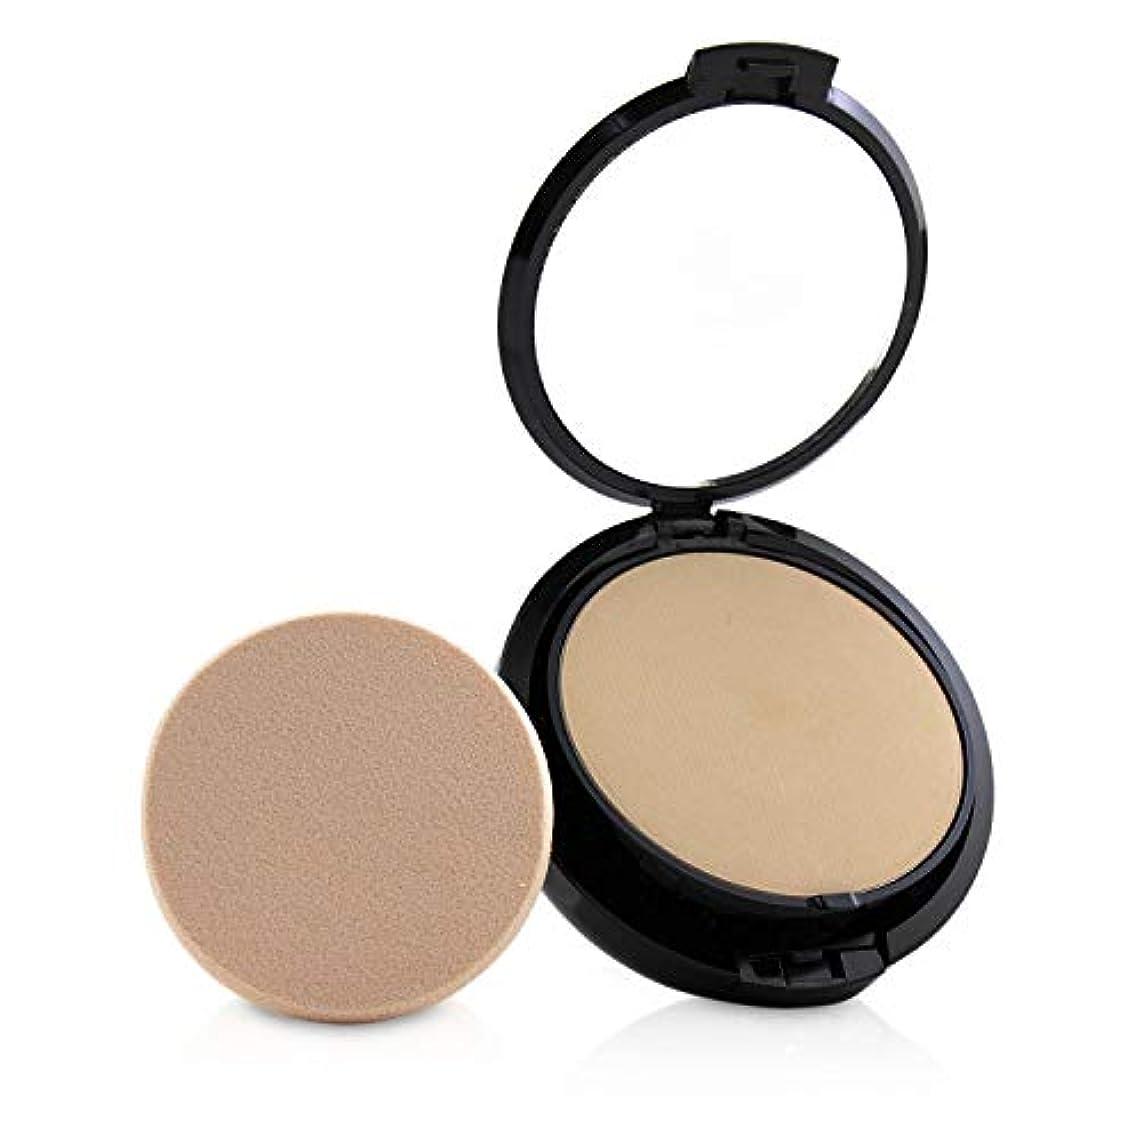 月曜口述する請願者SCOUT Cosmetics Pressed Mineral Powder Foundation SPF 15 - # Shell 15g/0.53oz並行輸入品